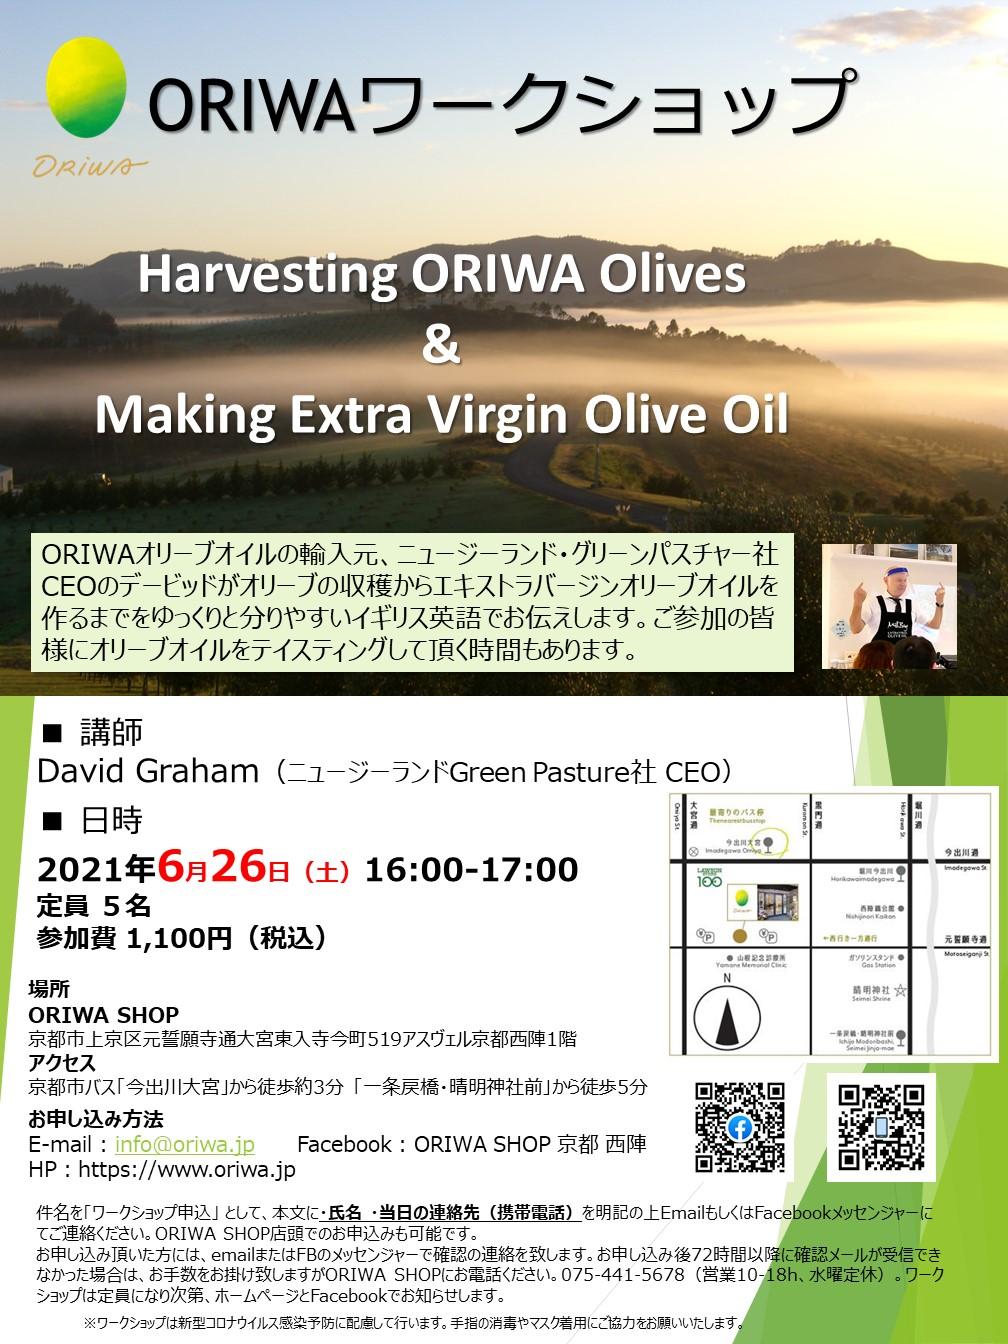 6/26(土)ORIWAワークショップ「Harvesting ORIWA Olives & Making Extra Virgin Olive Oil」開催!